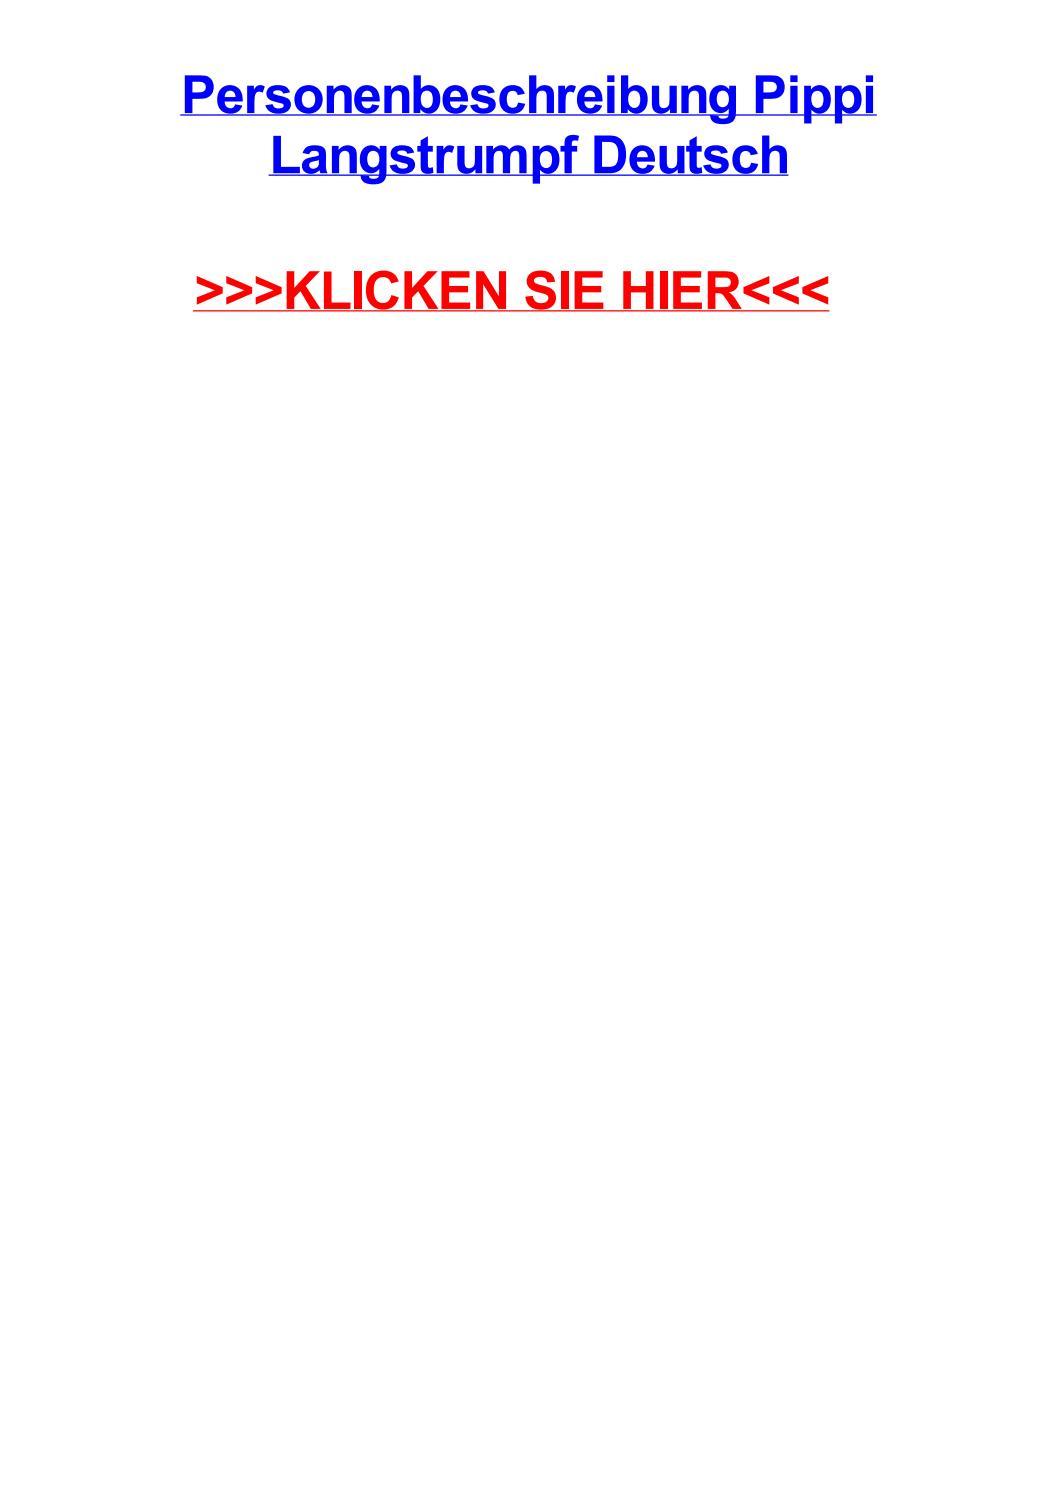 Pippi Langstrumpf Zeichentrick Deutsch